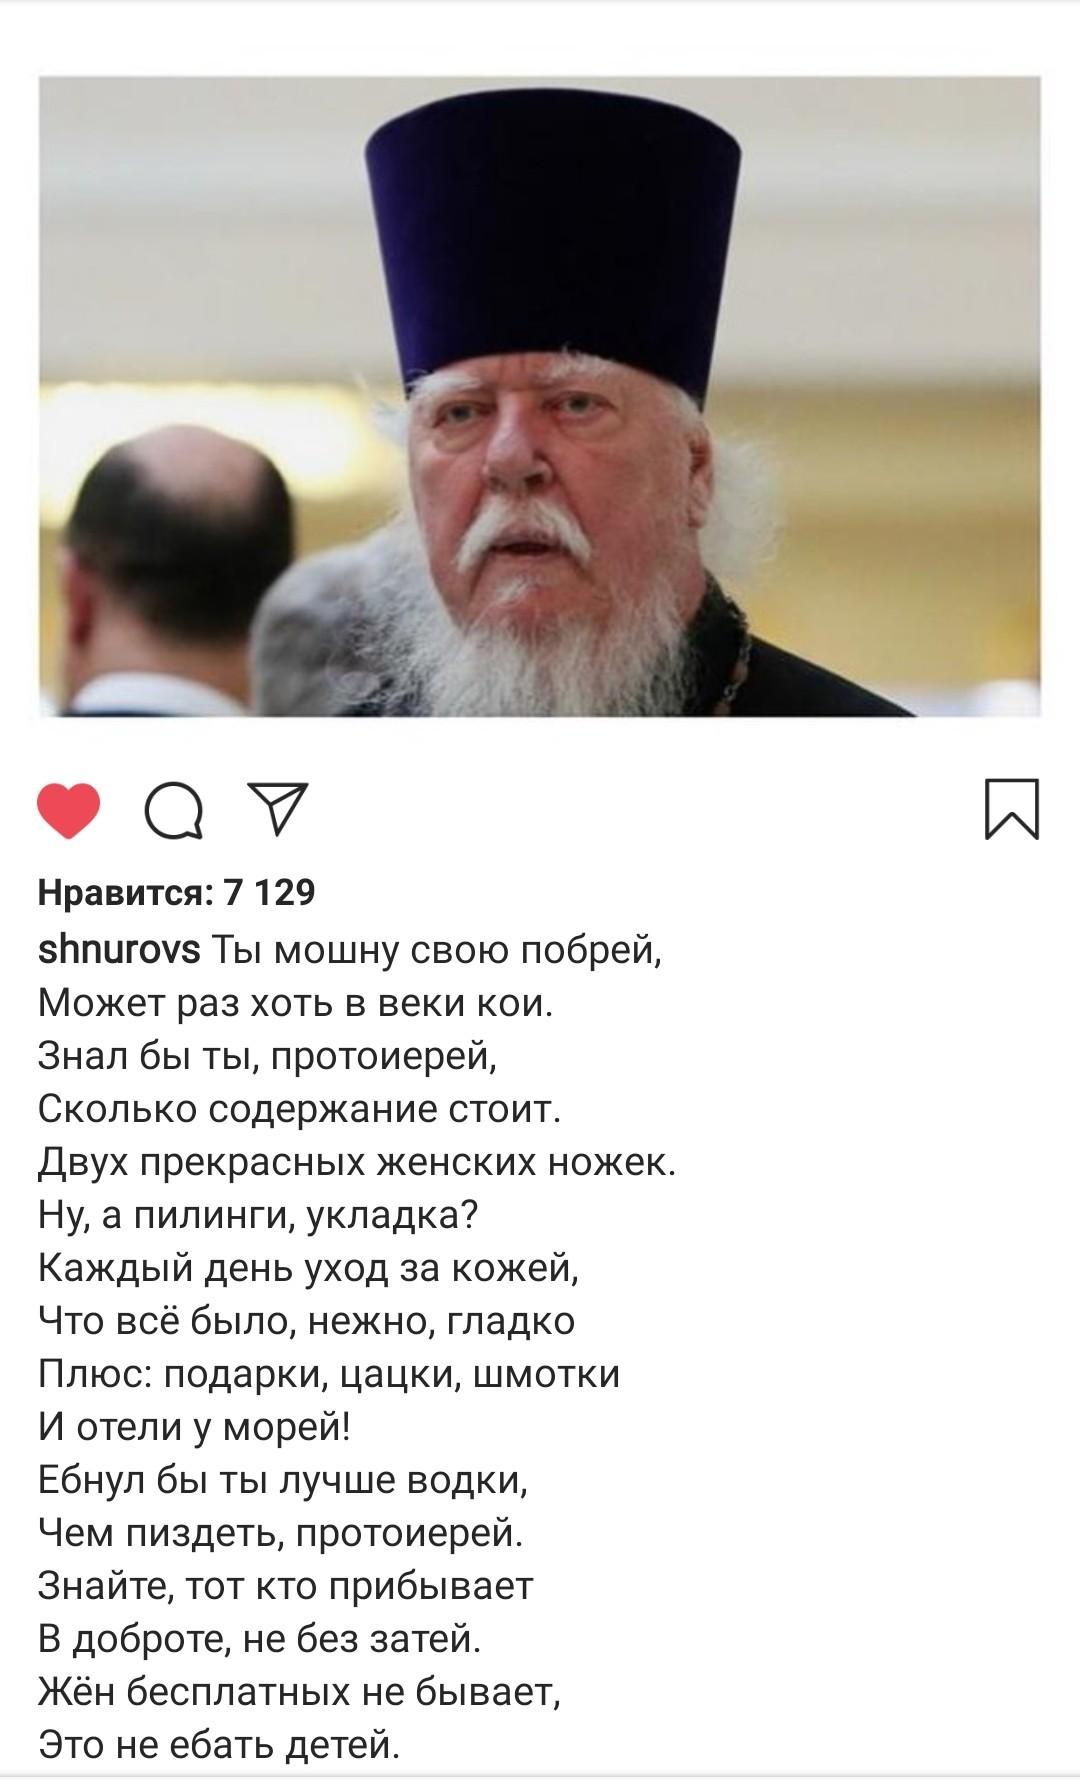 """Протоиерей Смирнов сравнил гражданских жён с """"бесплатными проститутками"""". Ответочка от Шнурова"""